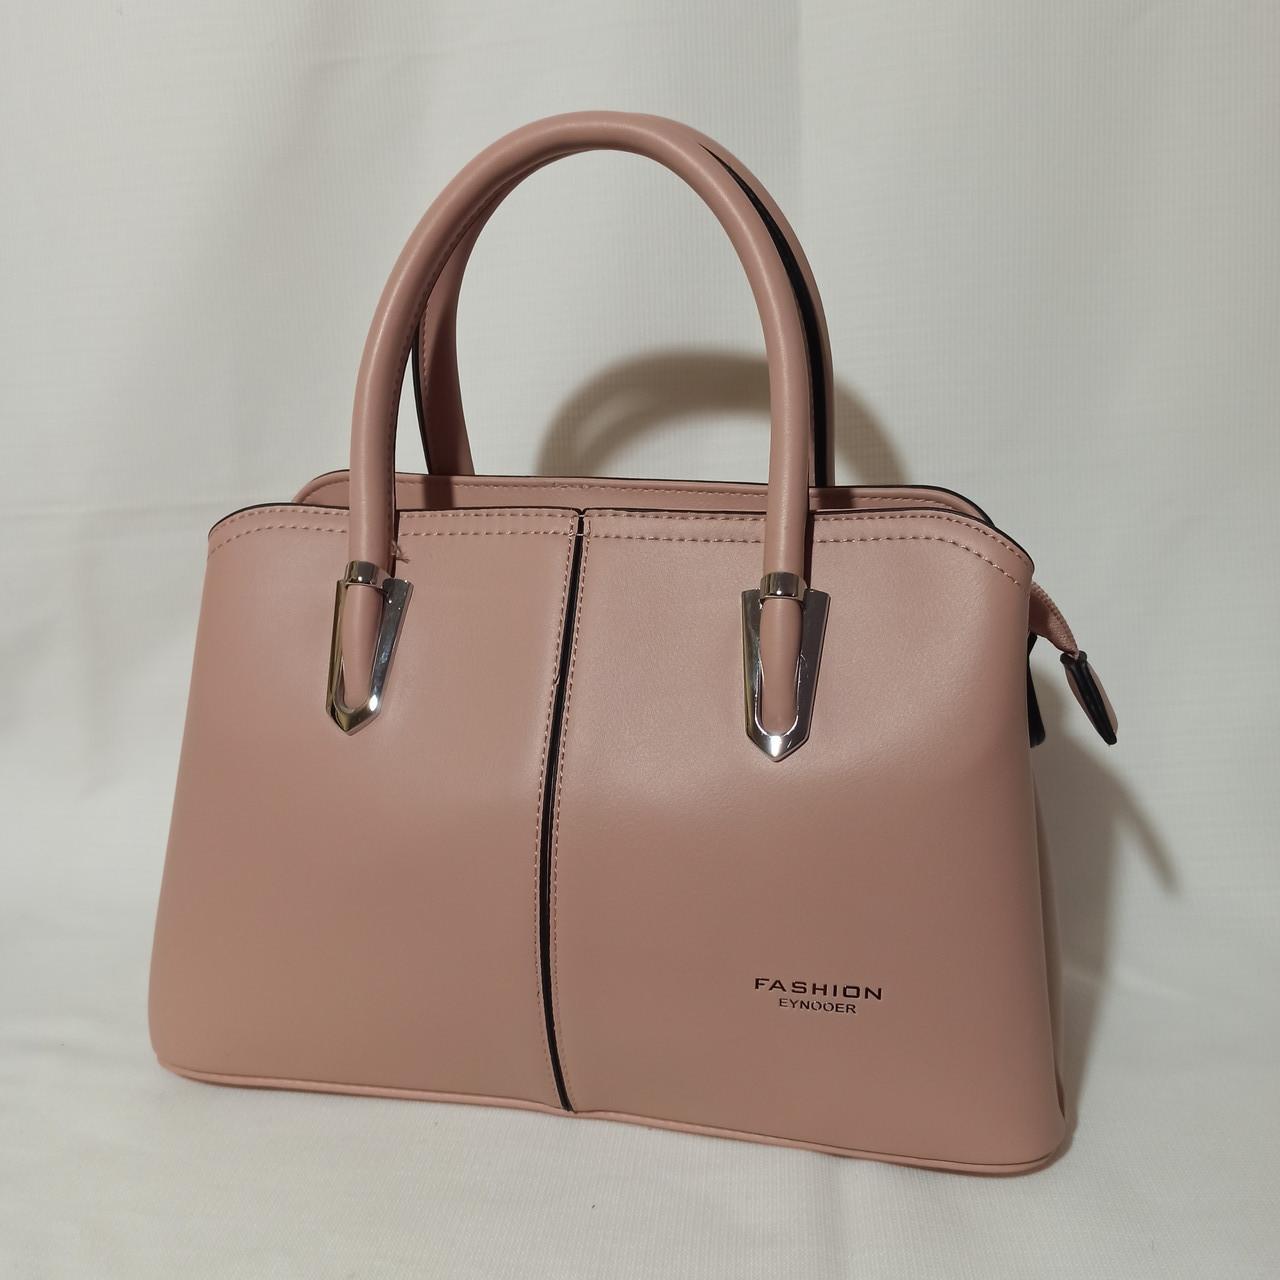 Класична жіноча сумка / Классическая женская сумка 8336-678